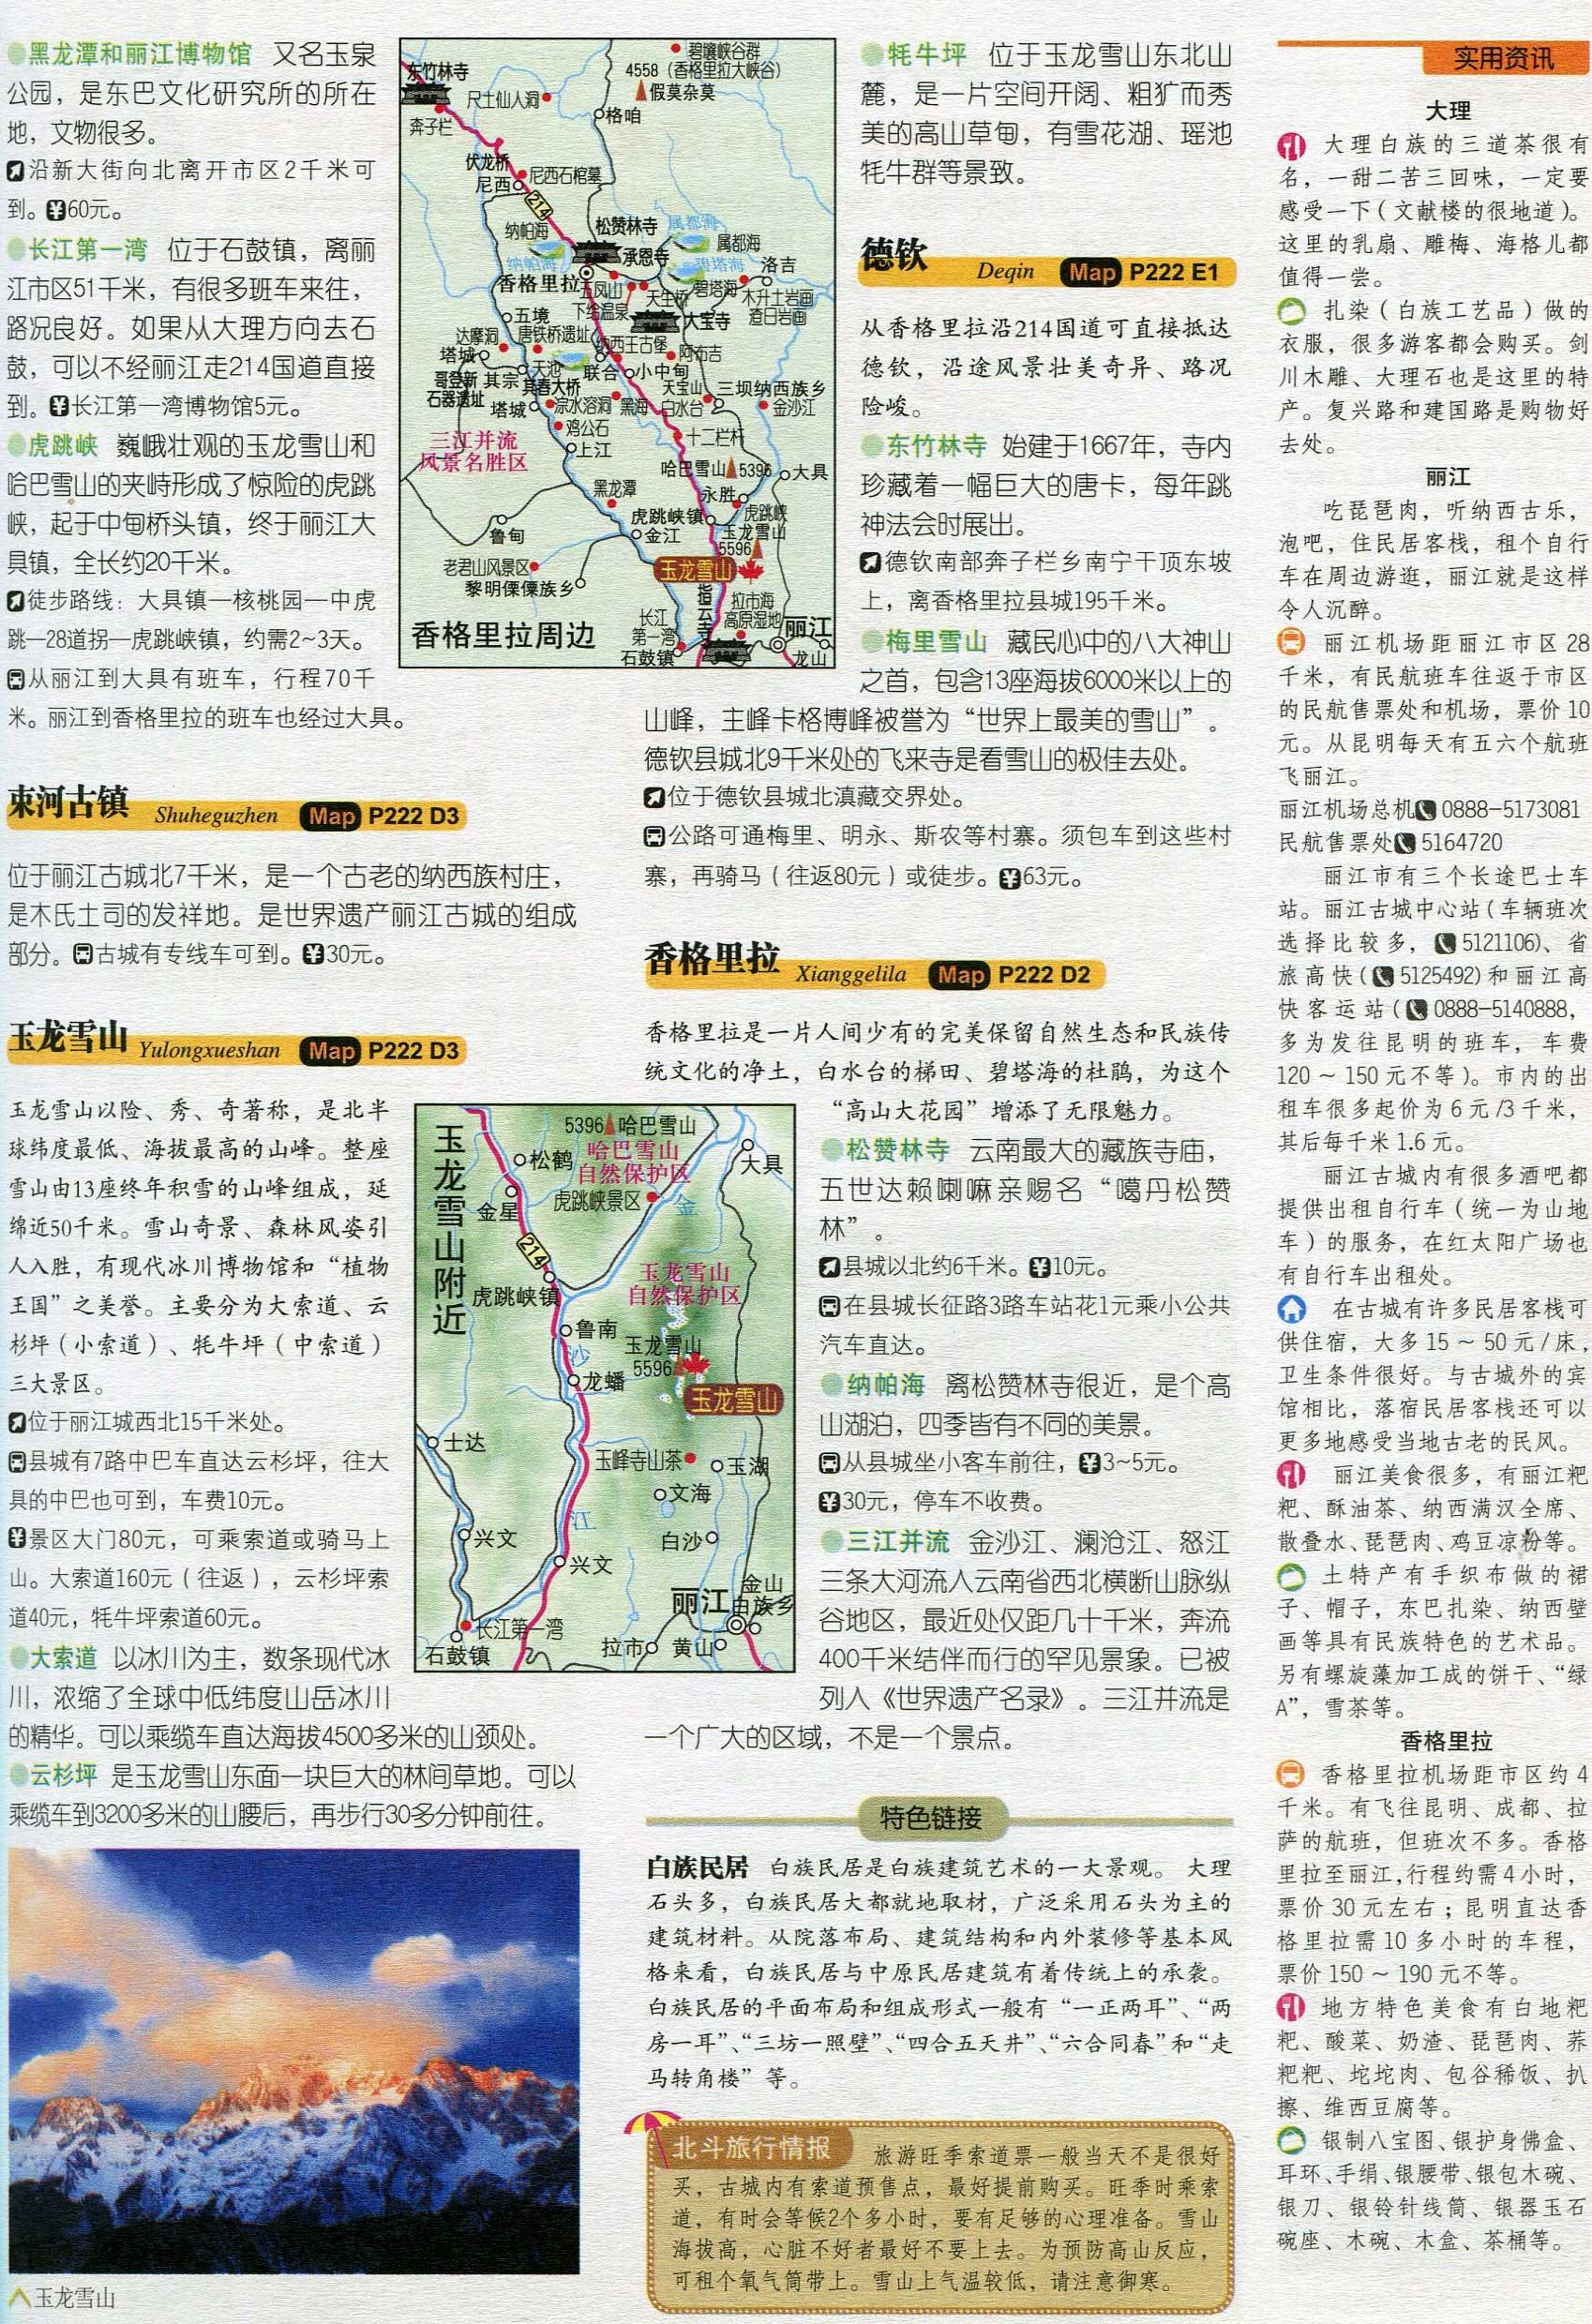 云南旅游线路图 茶马古道高清图片